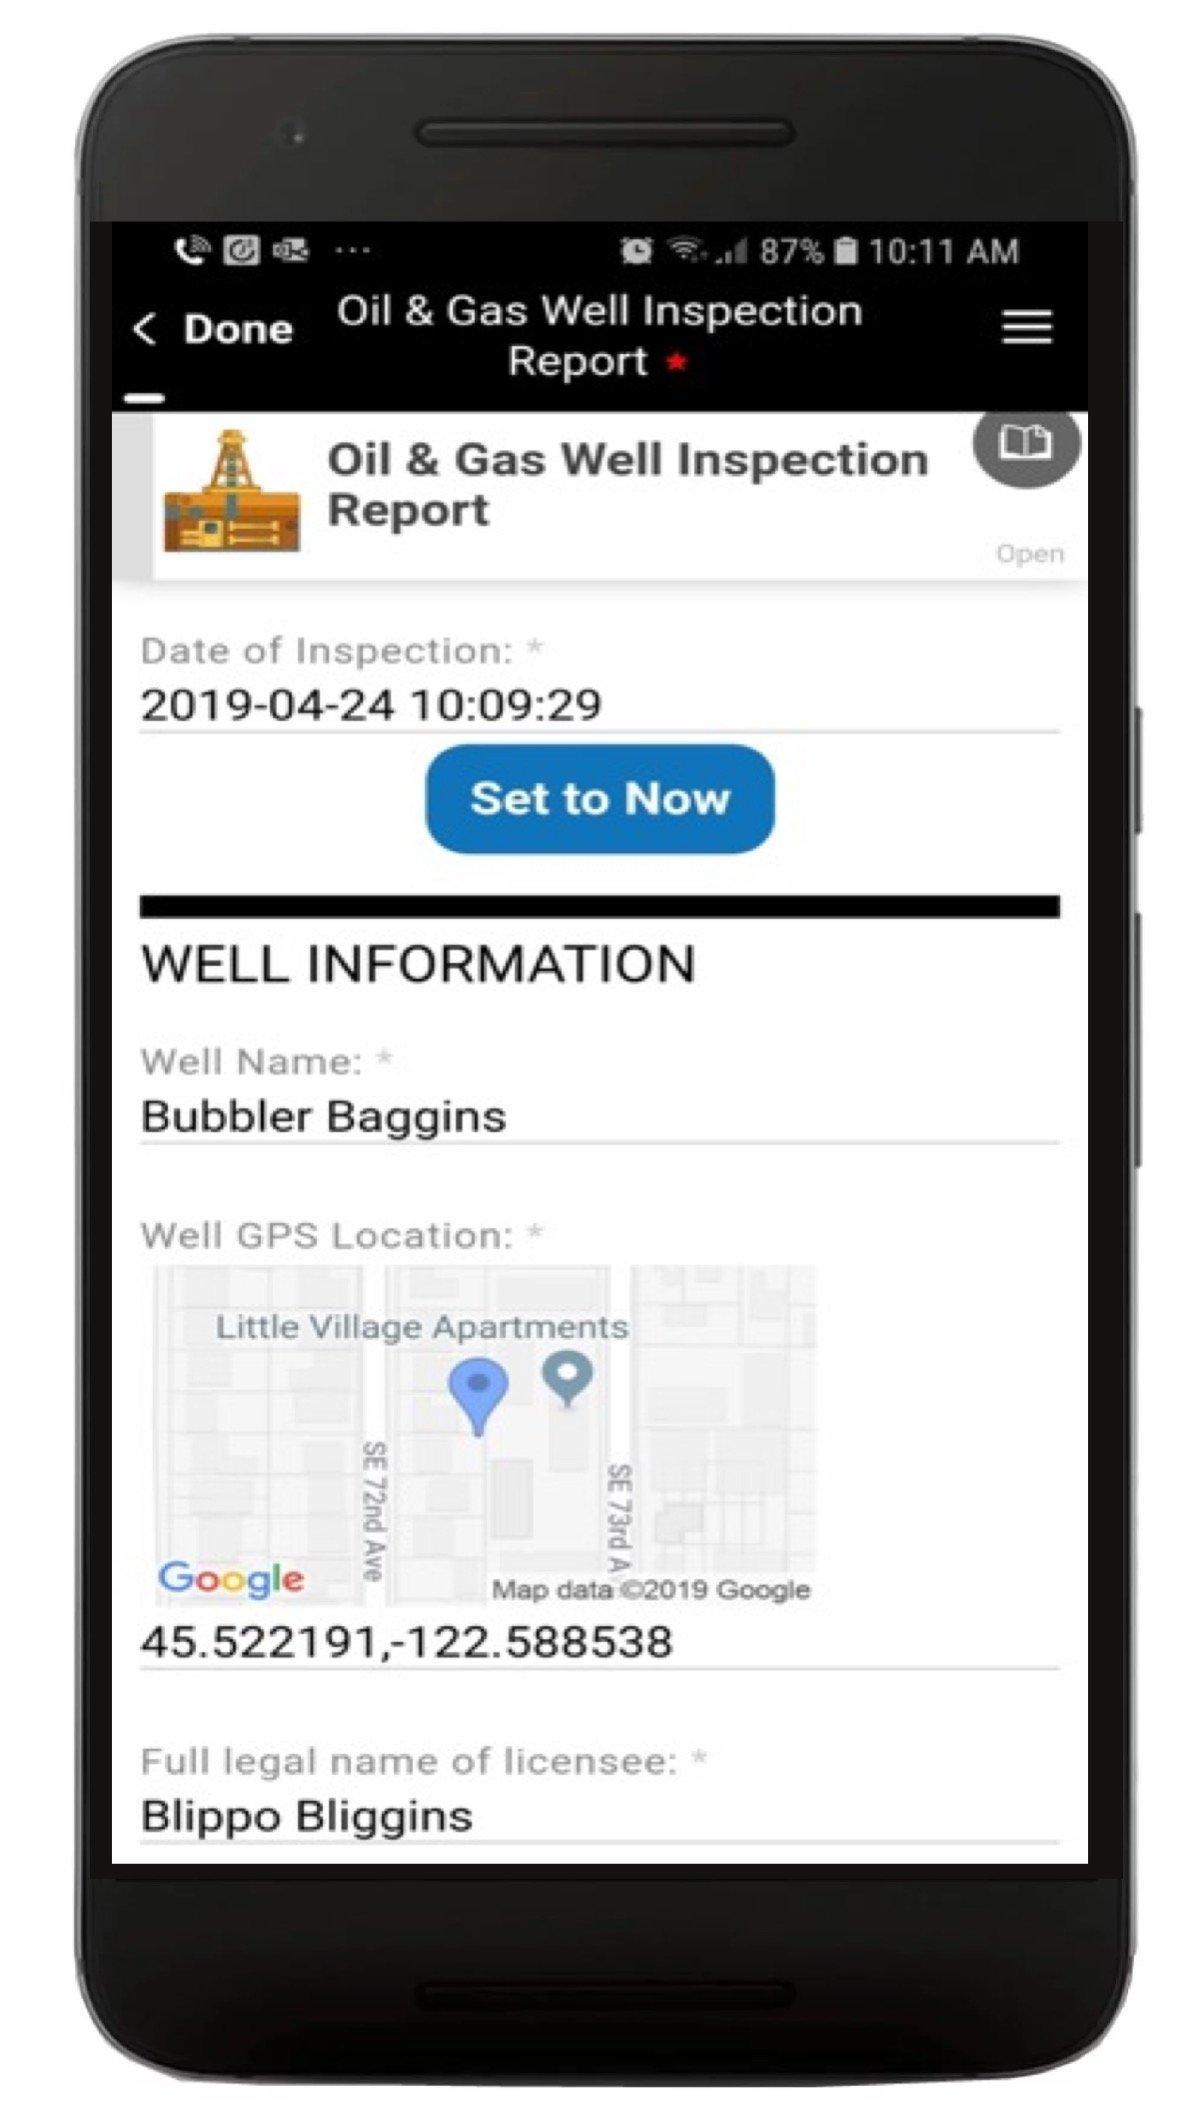 Oil Well Inspection App Screenshot 1